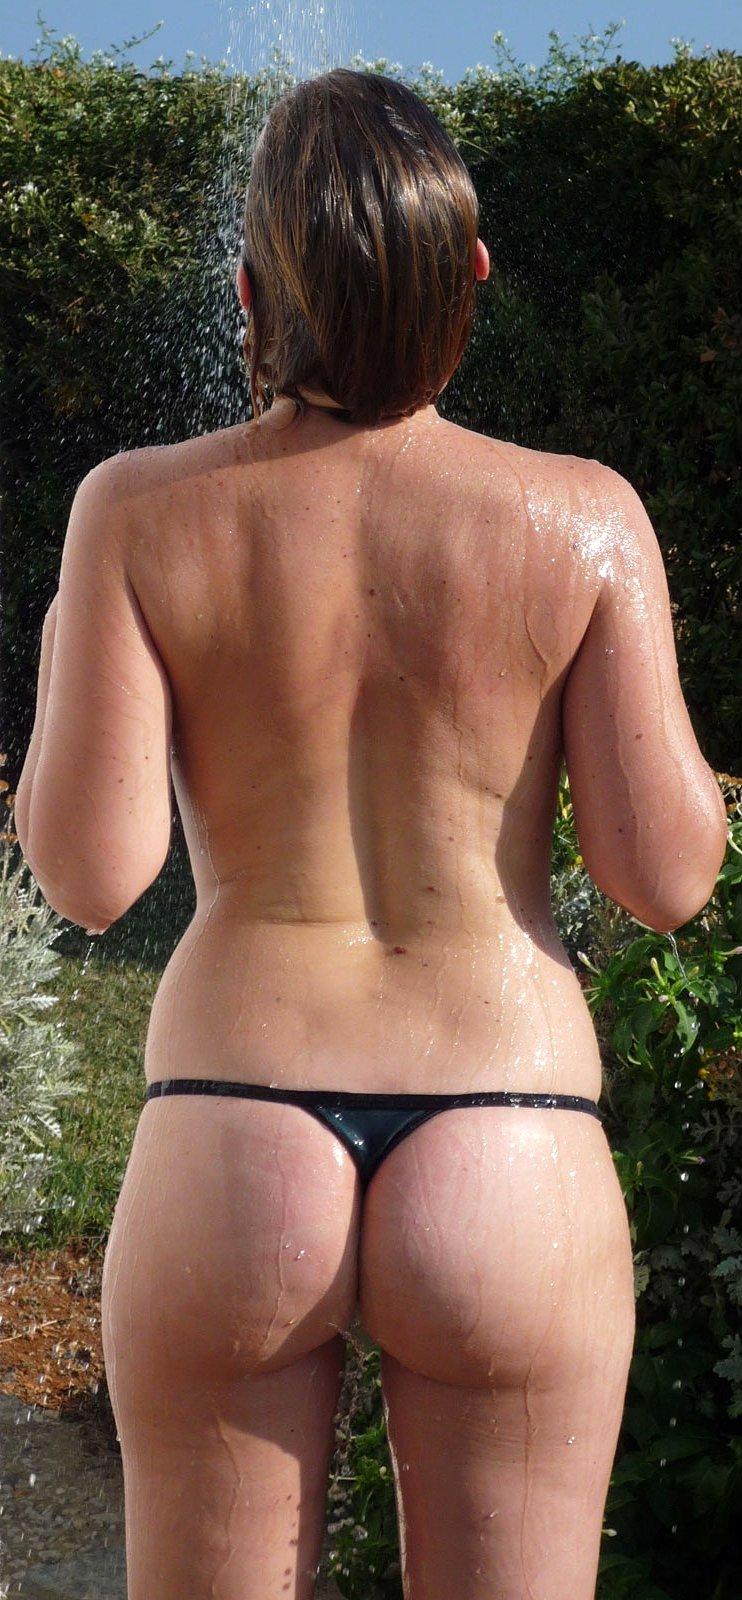 Outdoor shower only in panties